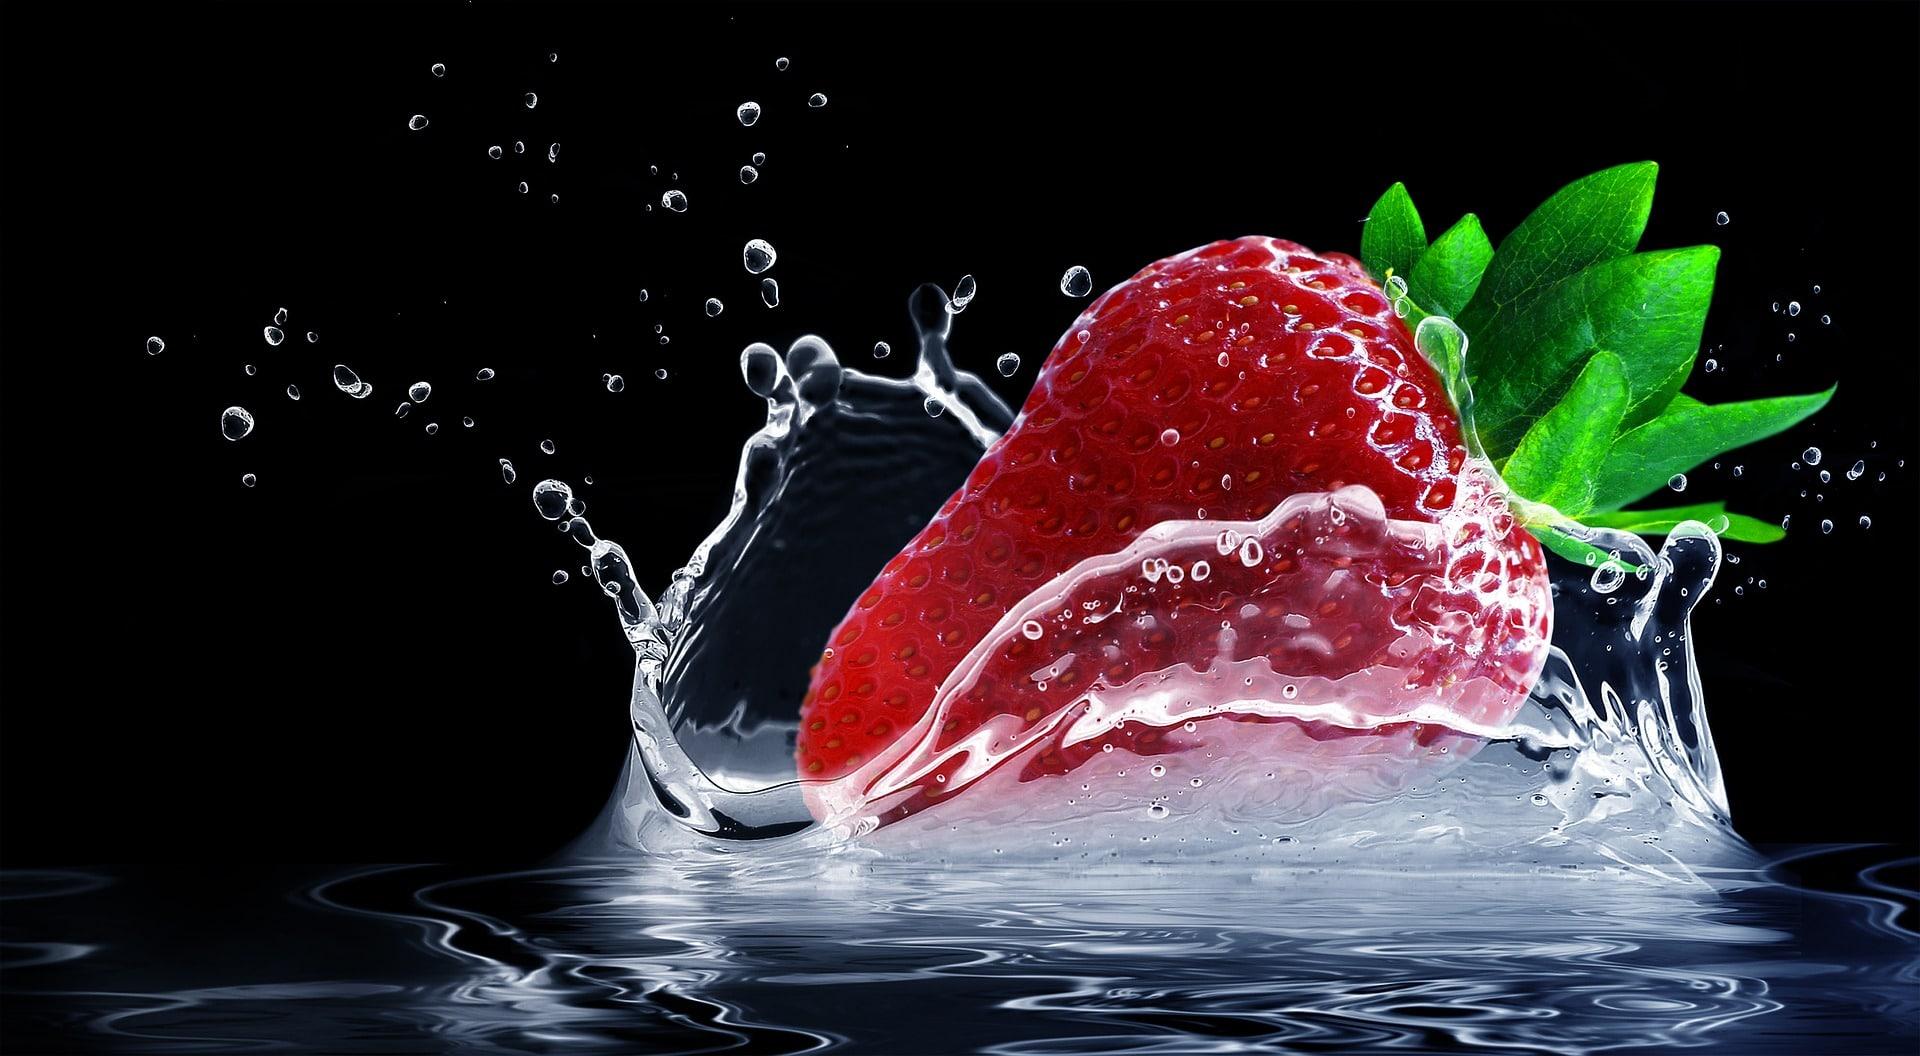 Клубнику можно употреблять при низкоуглеводной диете